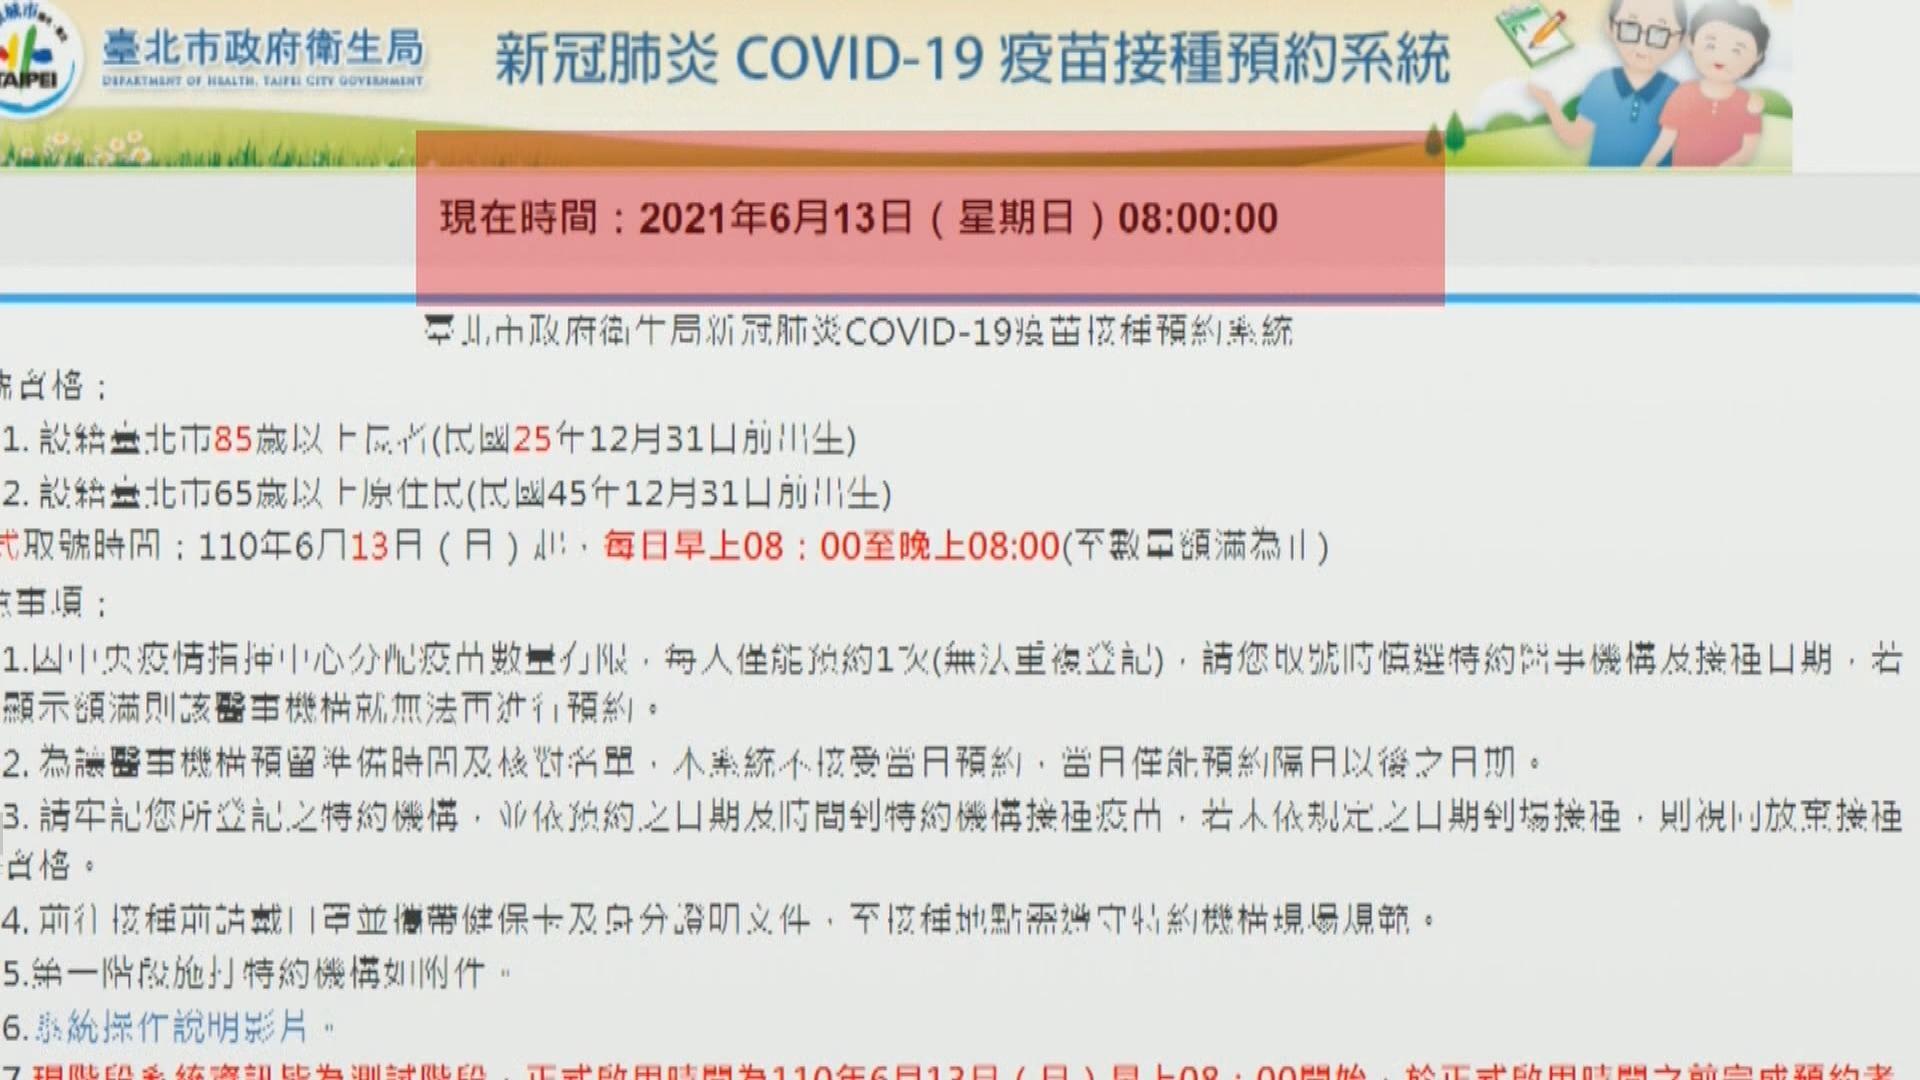 台灣增174宗確診 陳時中:疫情有放緩趨勢但不能掉以輕心